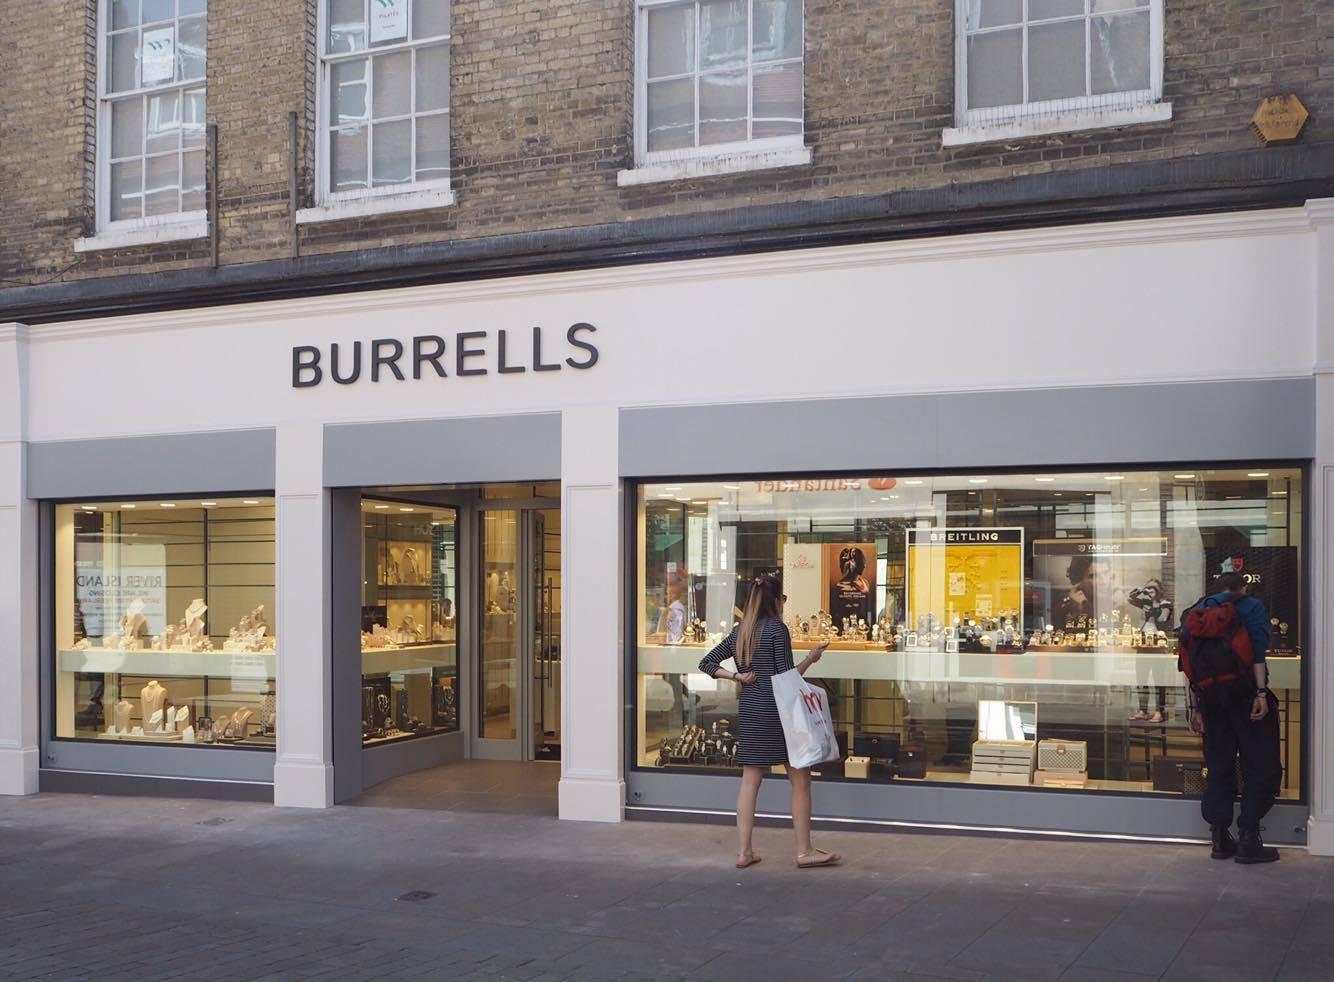 burrells-3